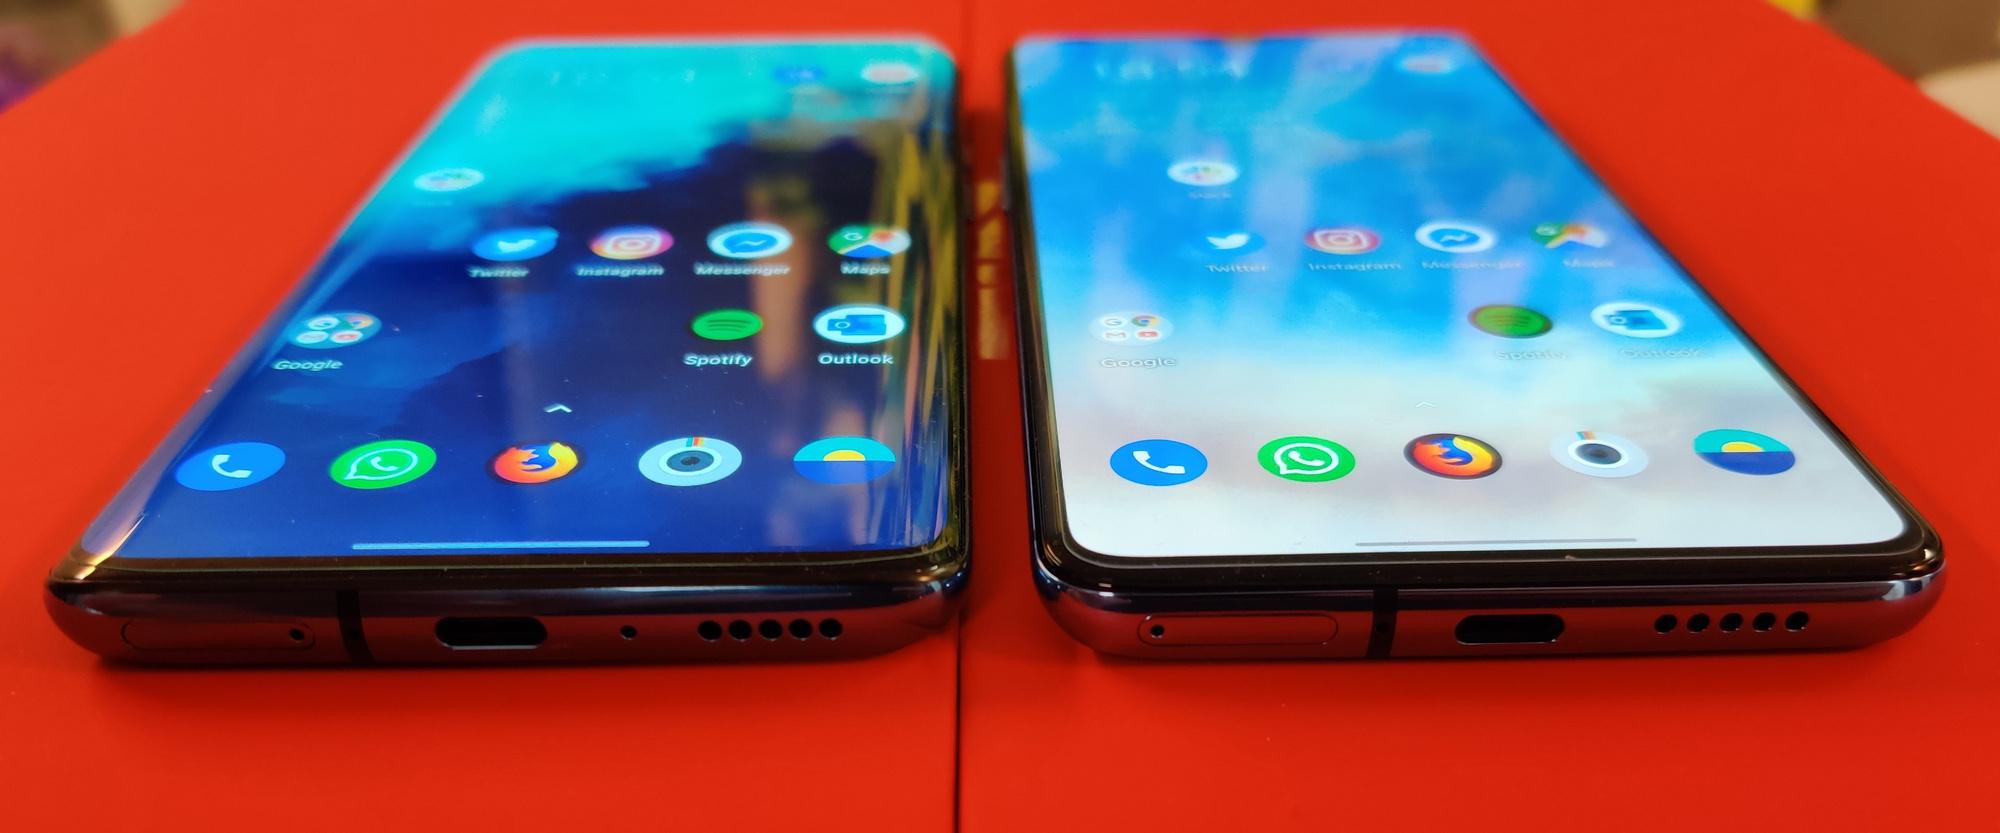 OnePLus 7T (à gauche) et 7T Pro (à droite), PVL